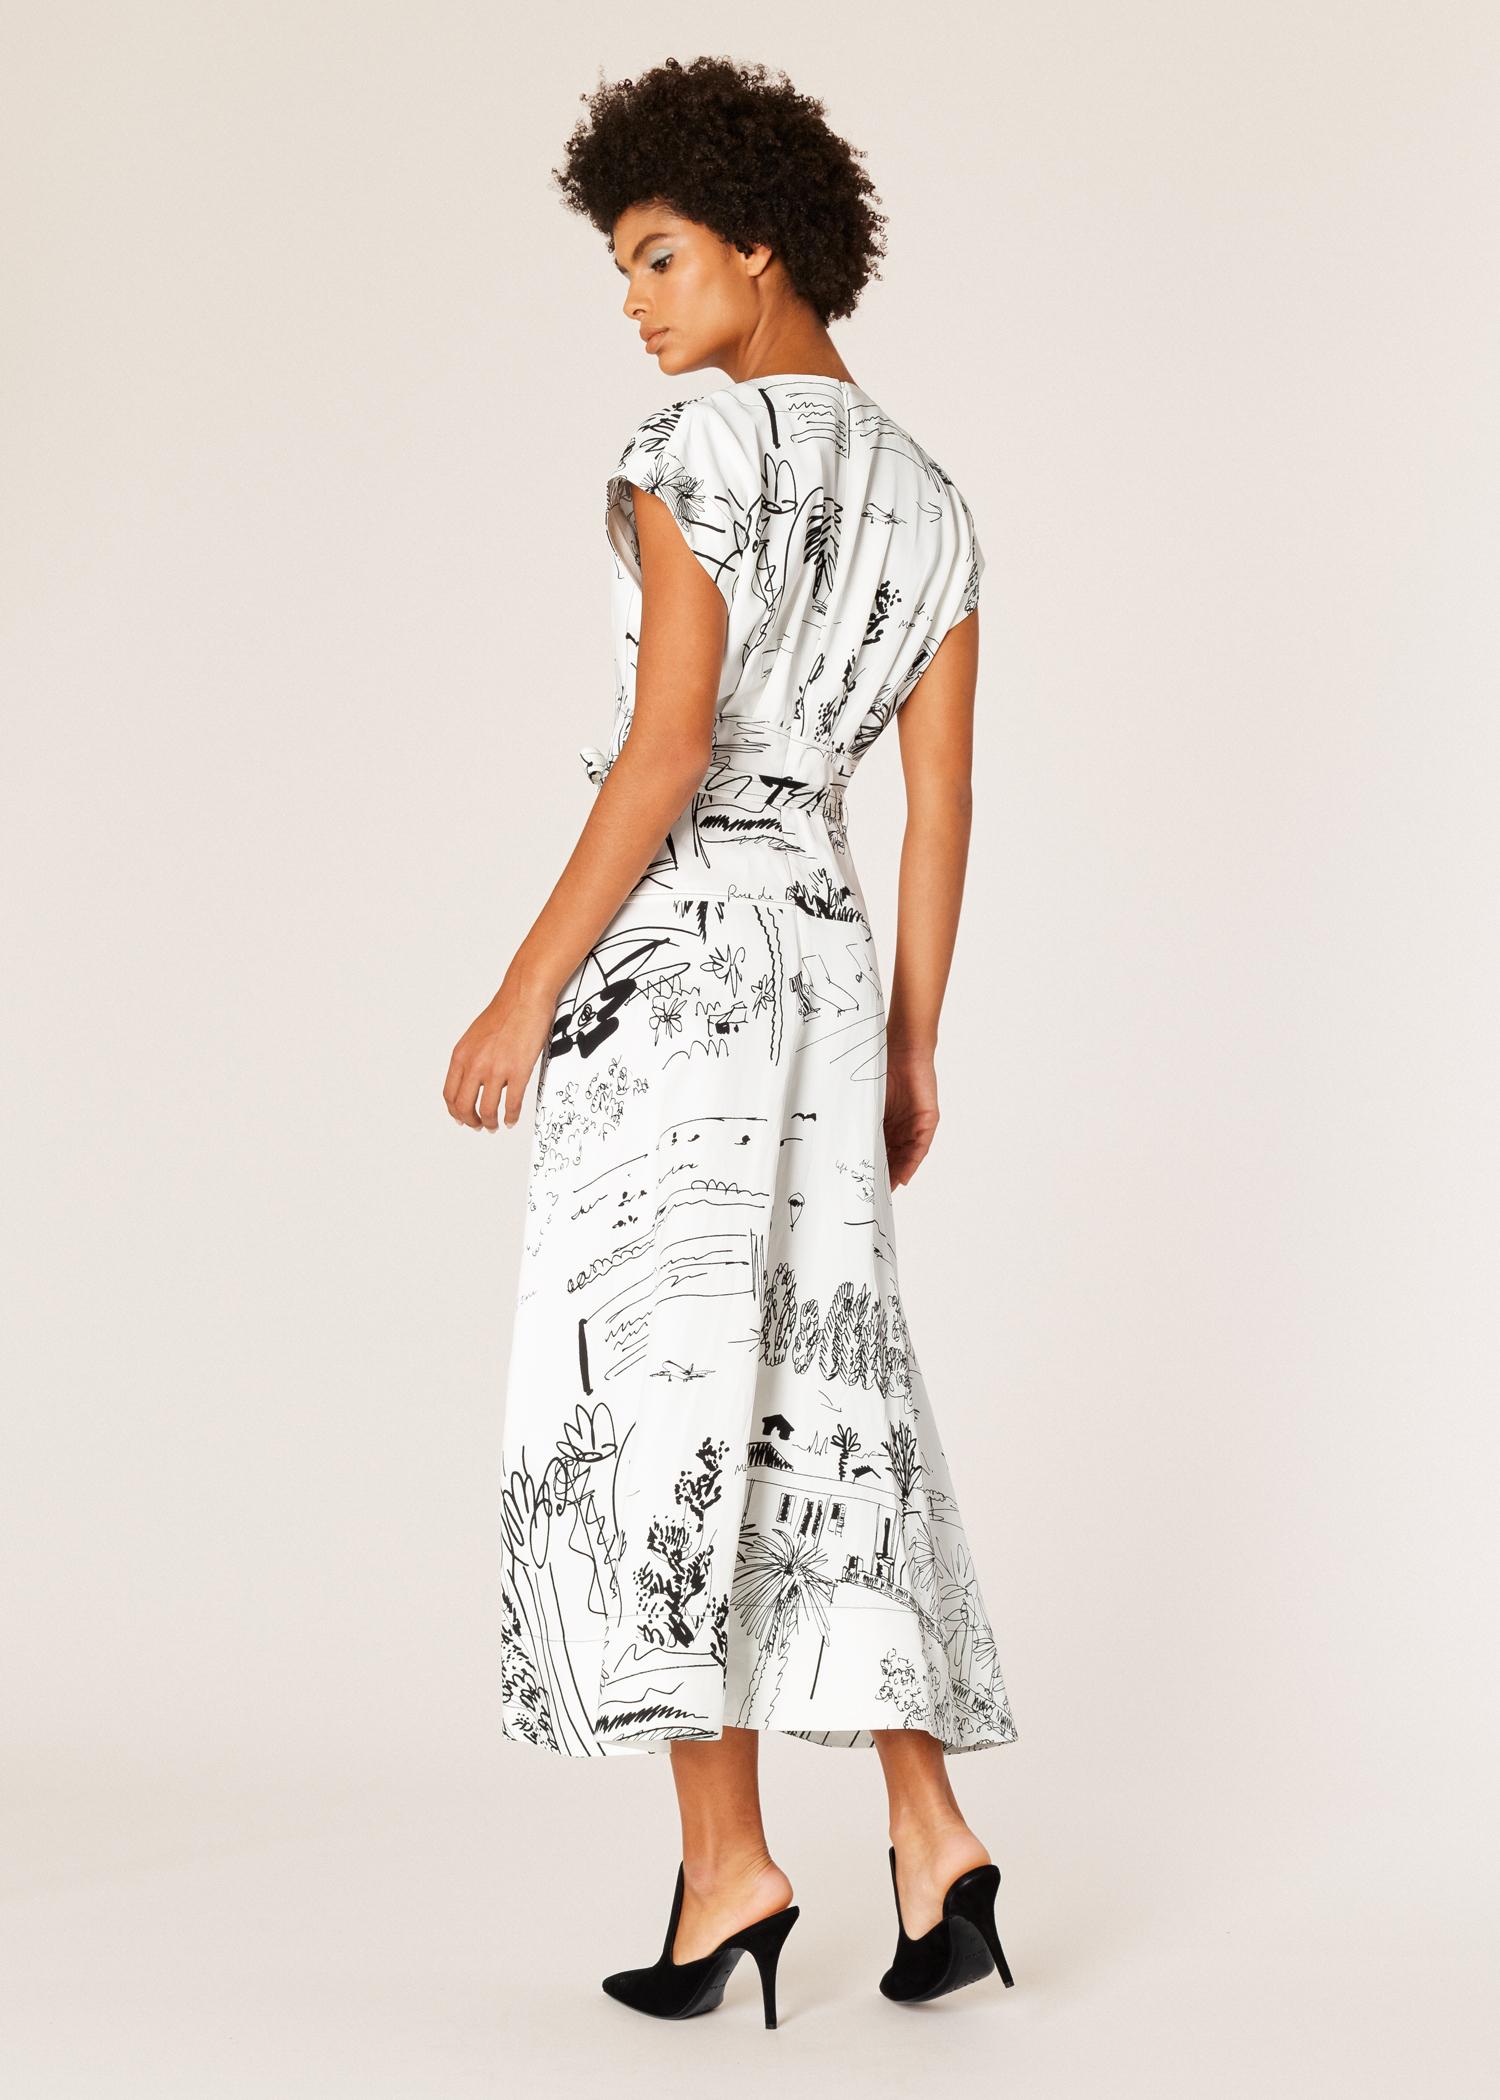 efb63700d3a Model back view - Women s Black And White  Journal  Print V-Neck Linen